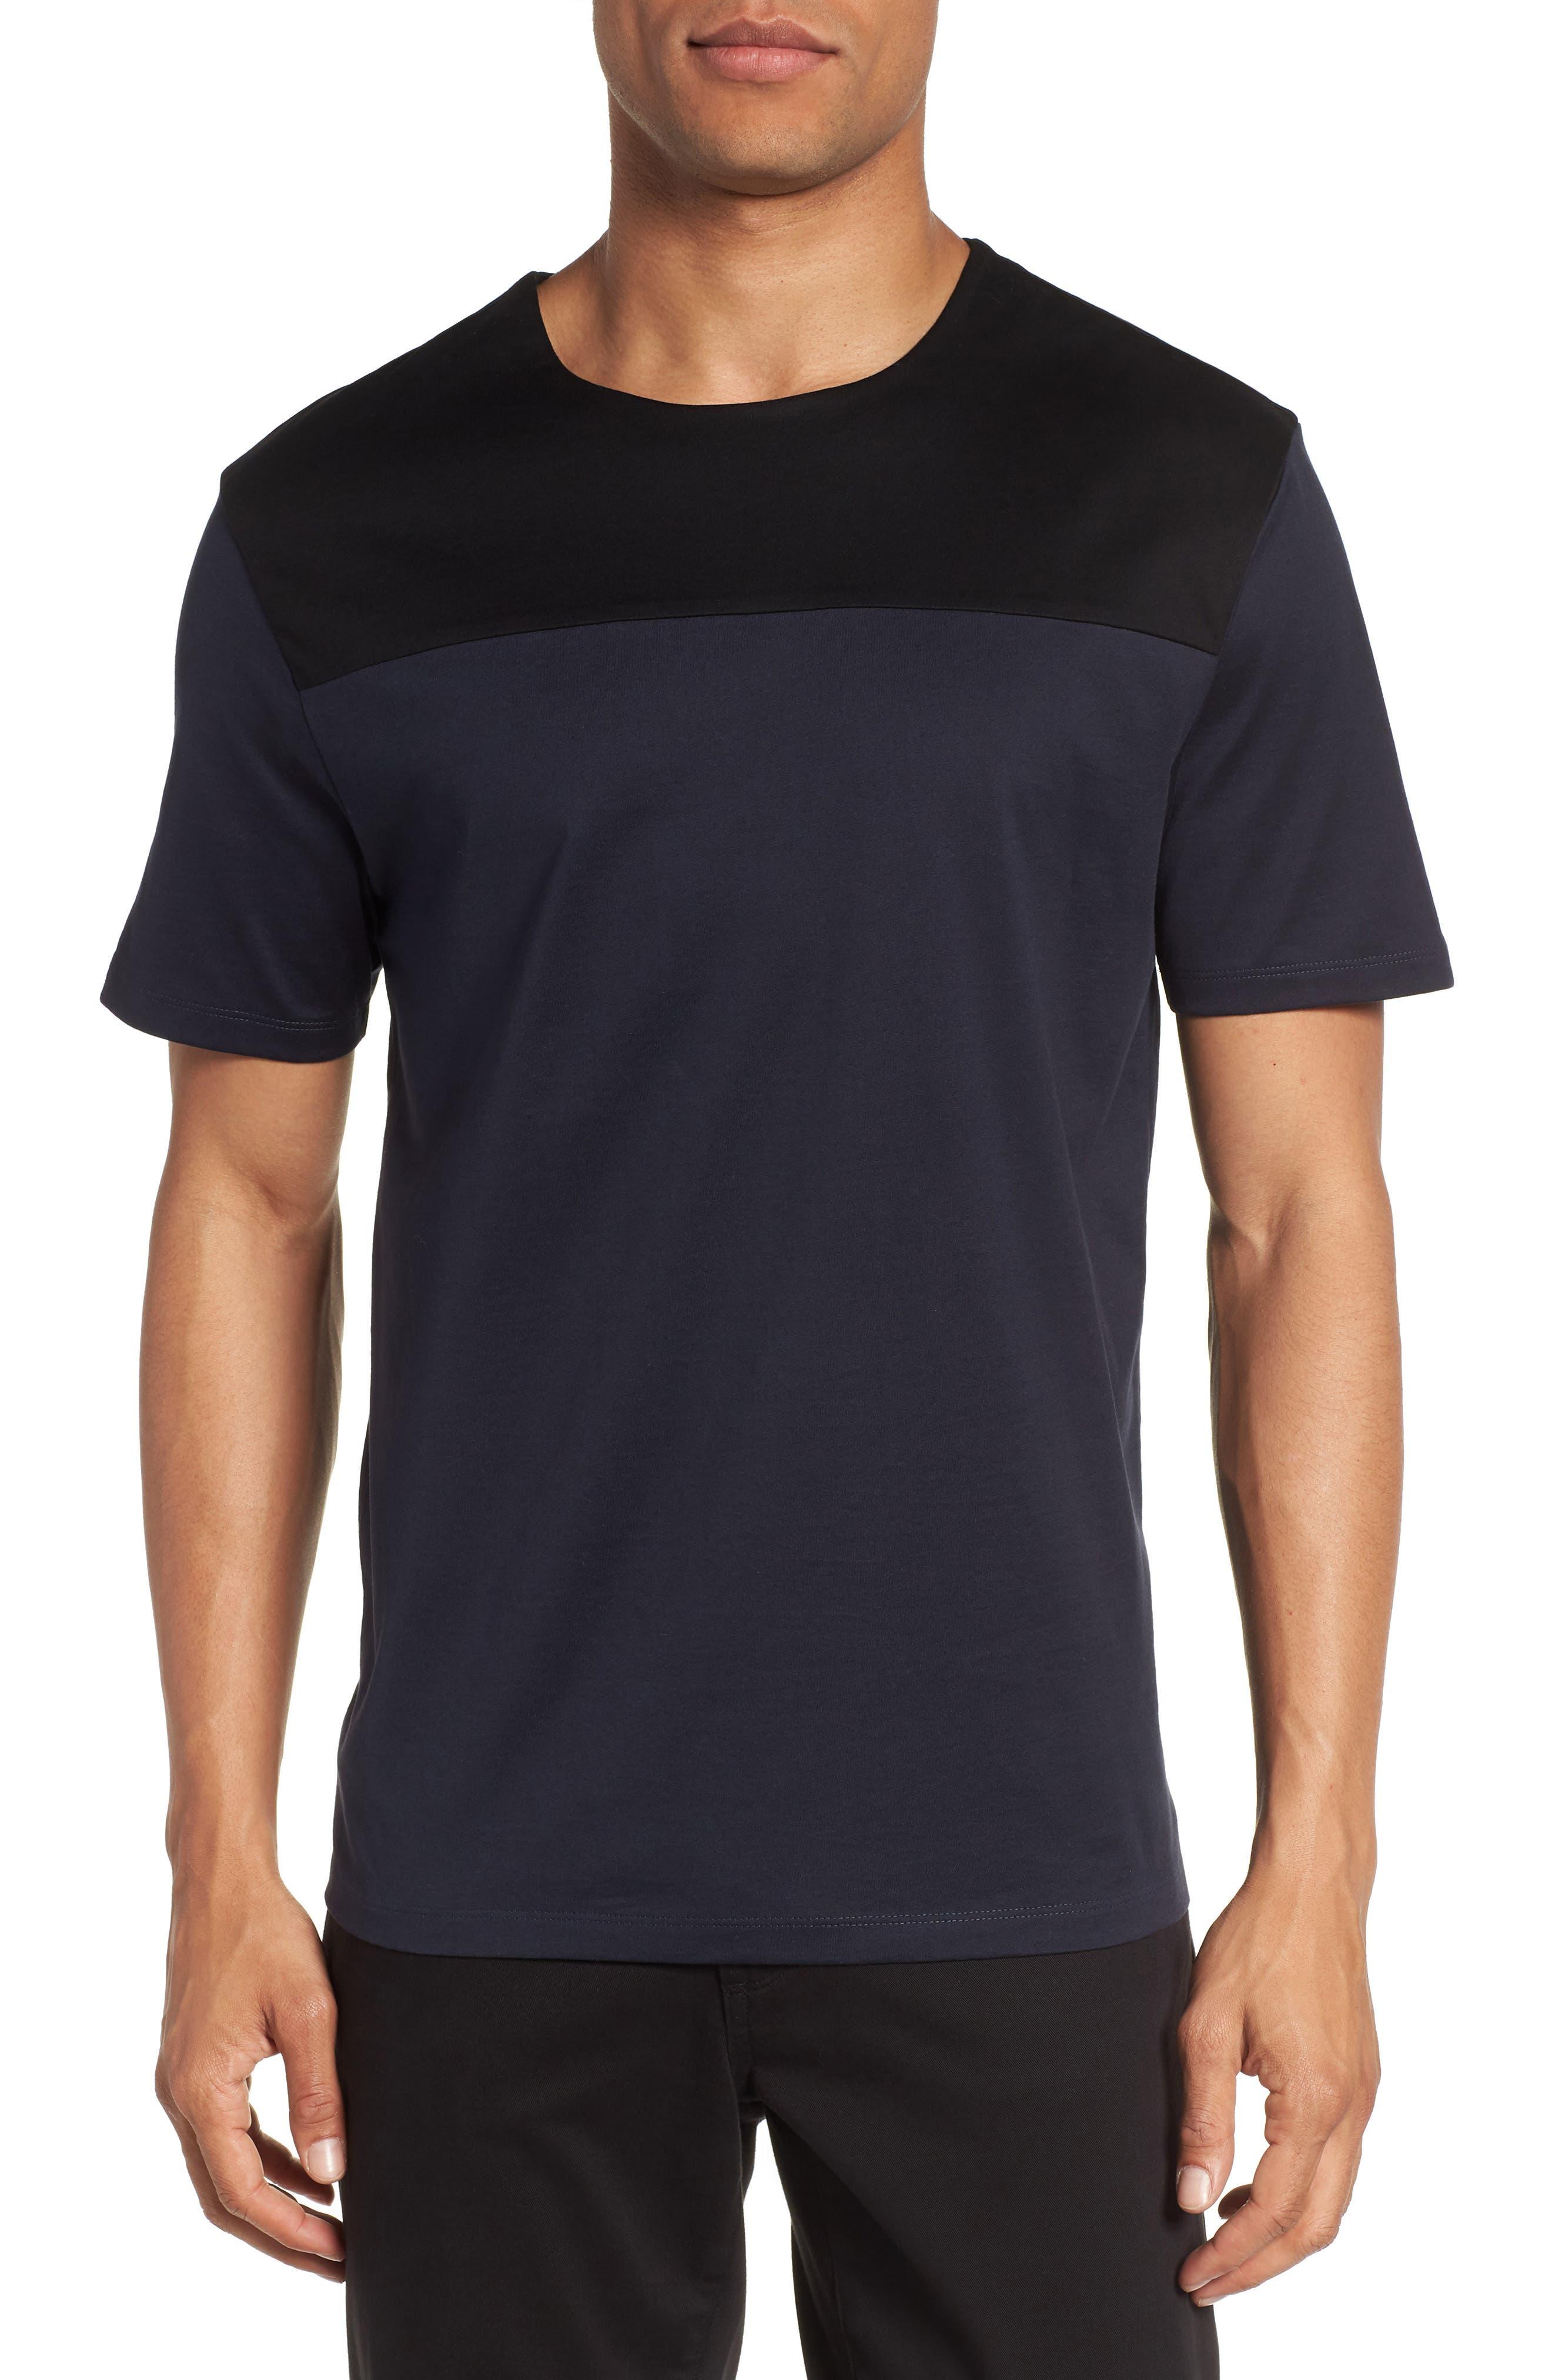 Calibrate Block Crewneck T-Shirt